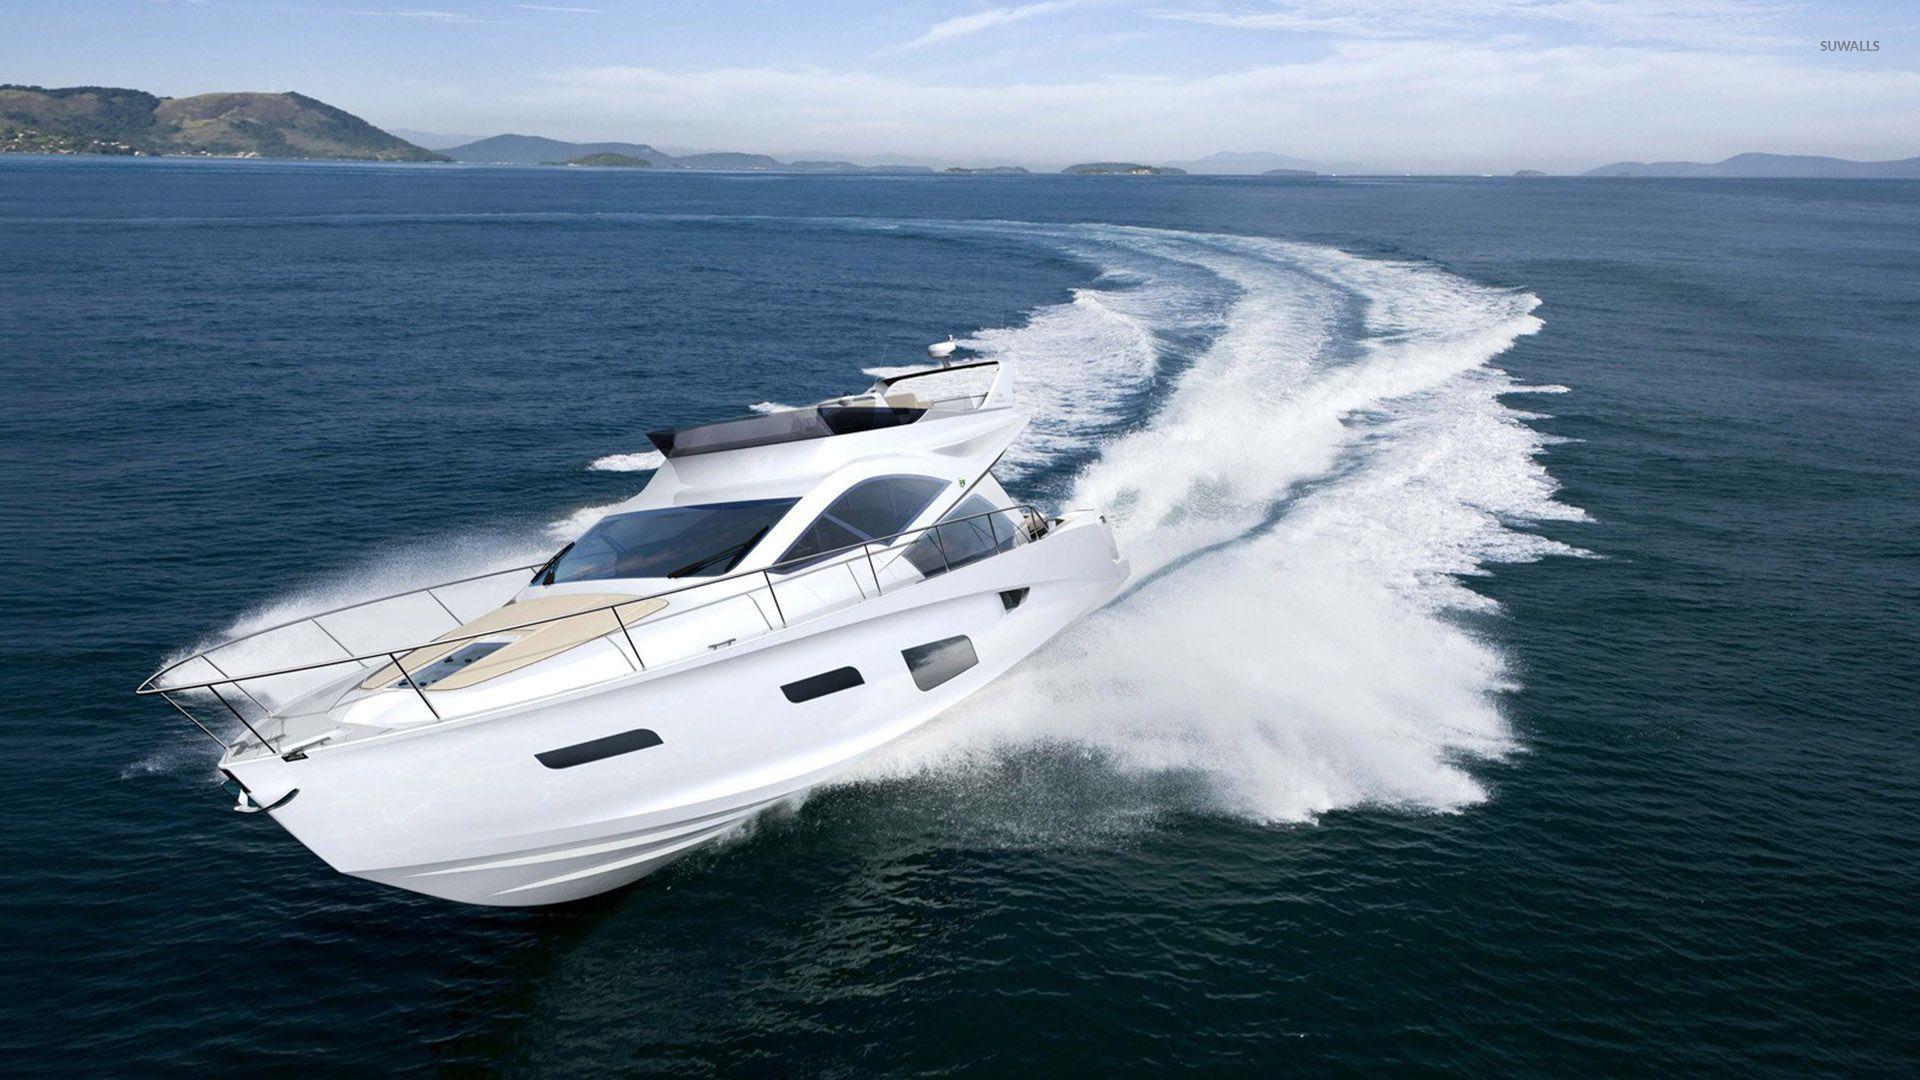 intermarine 55 luxury yacht wallpaper photography